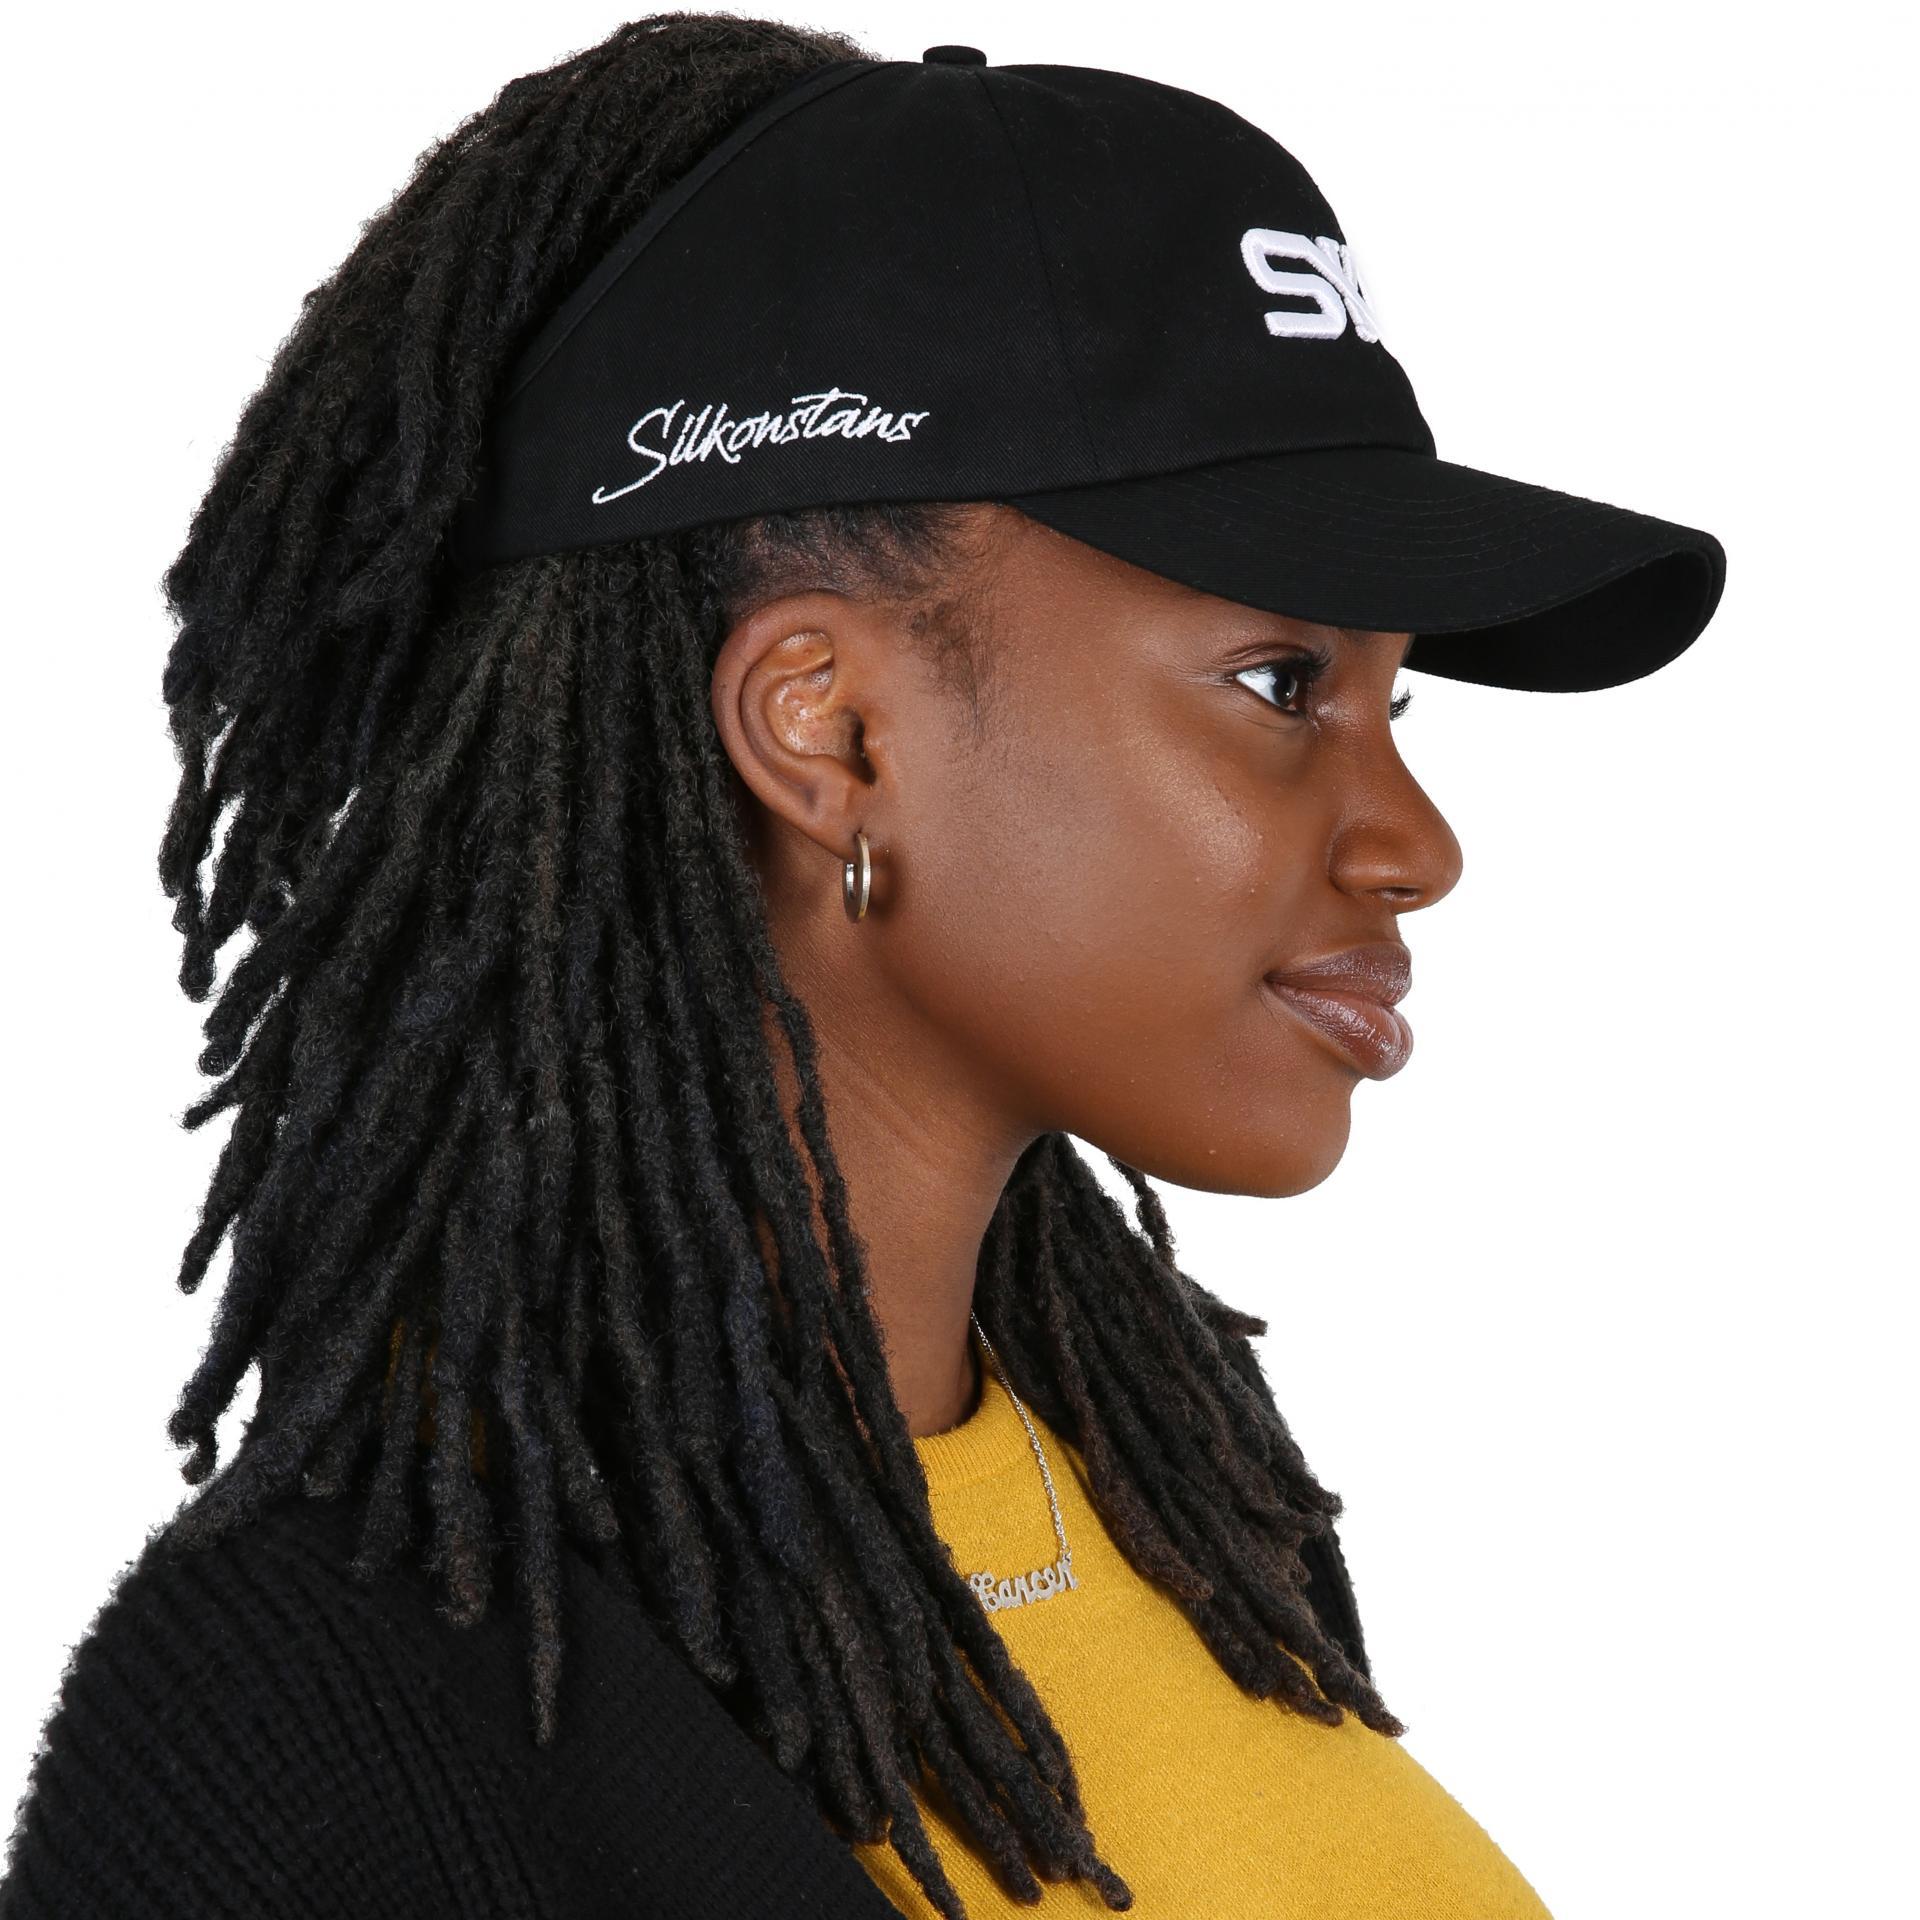 PONYCAP CLASSIC BLACK - WOMEN